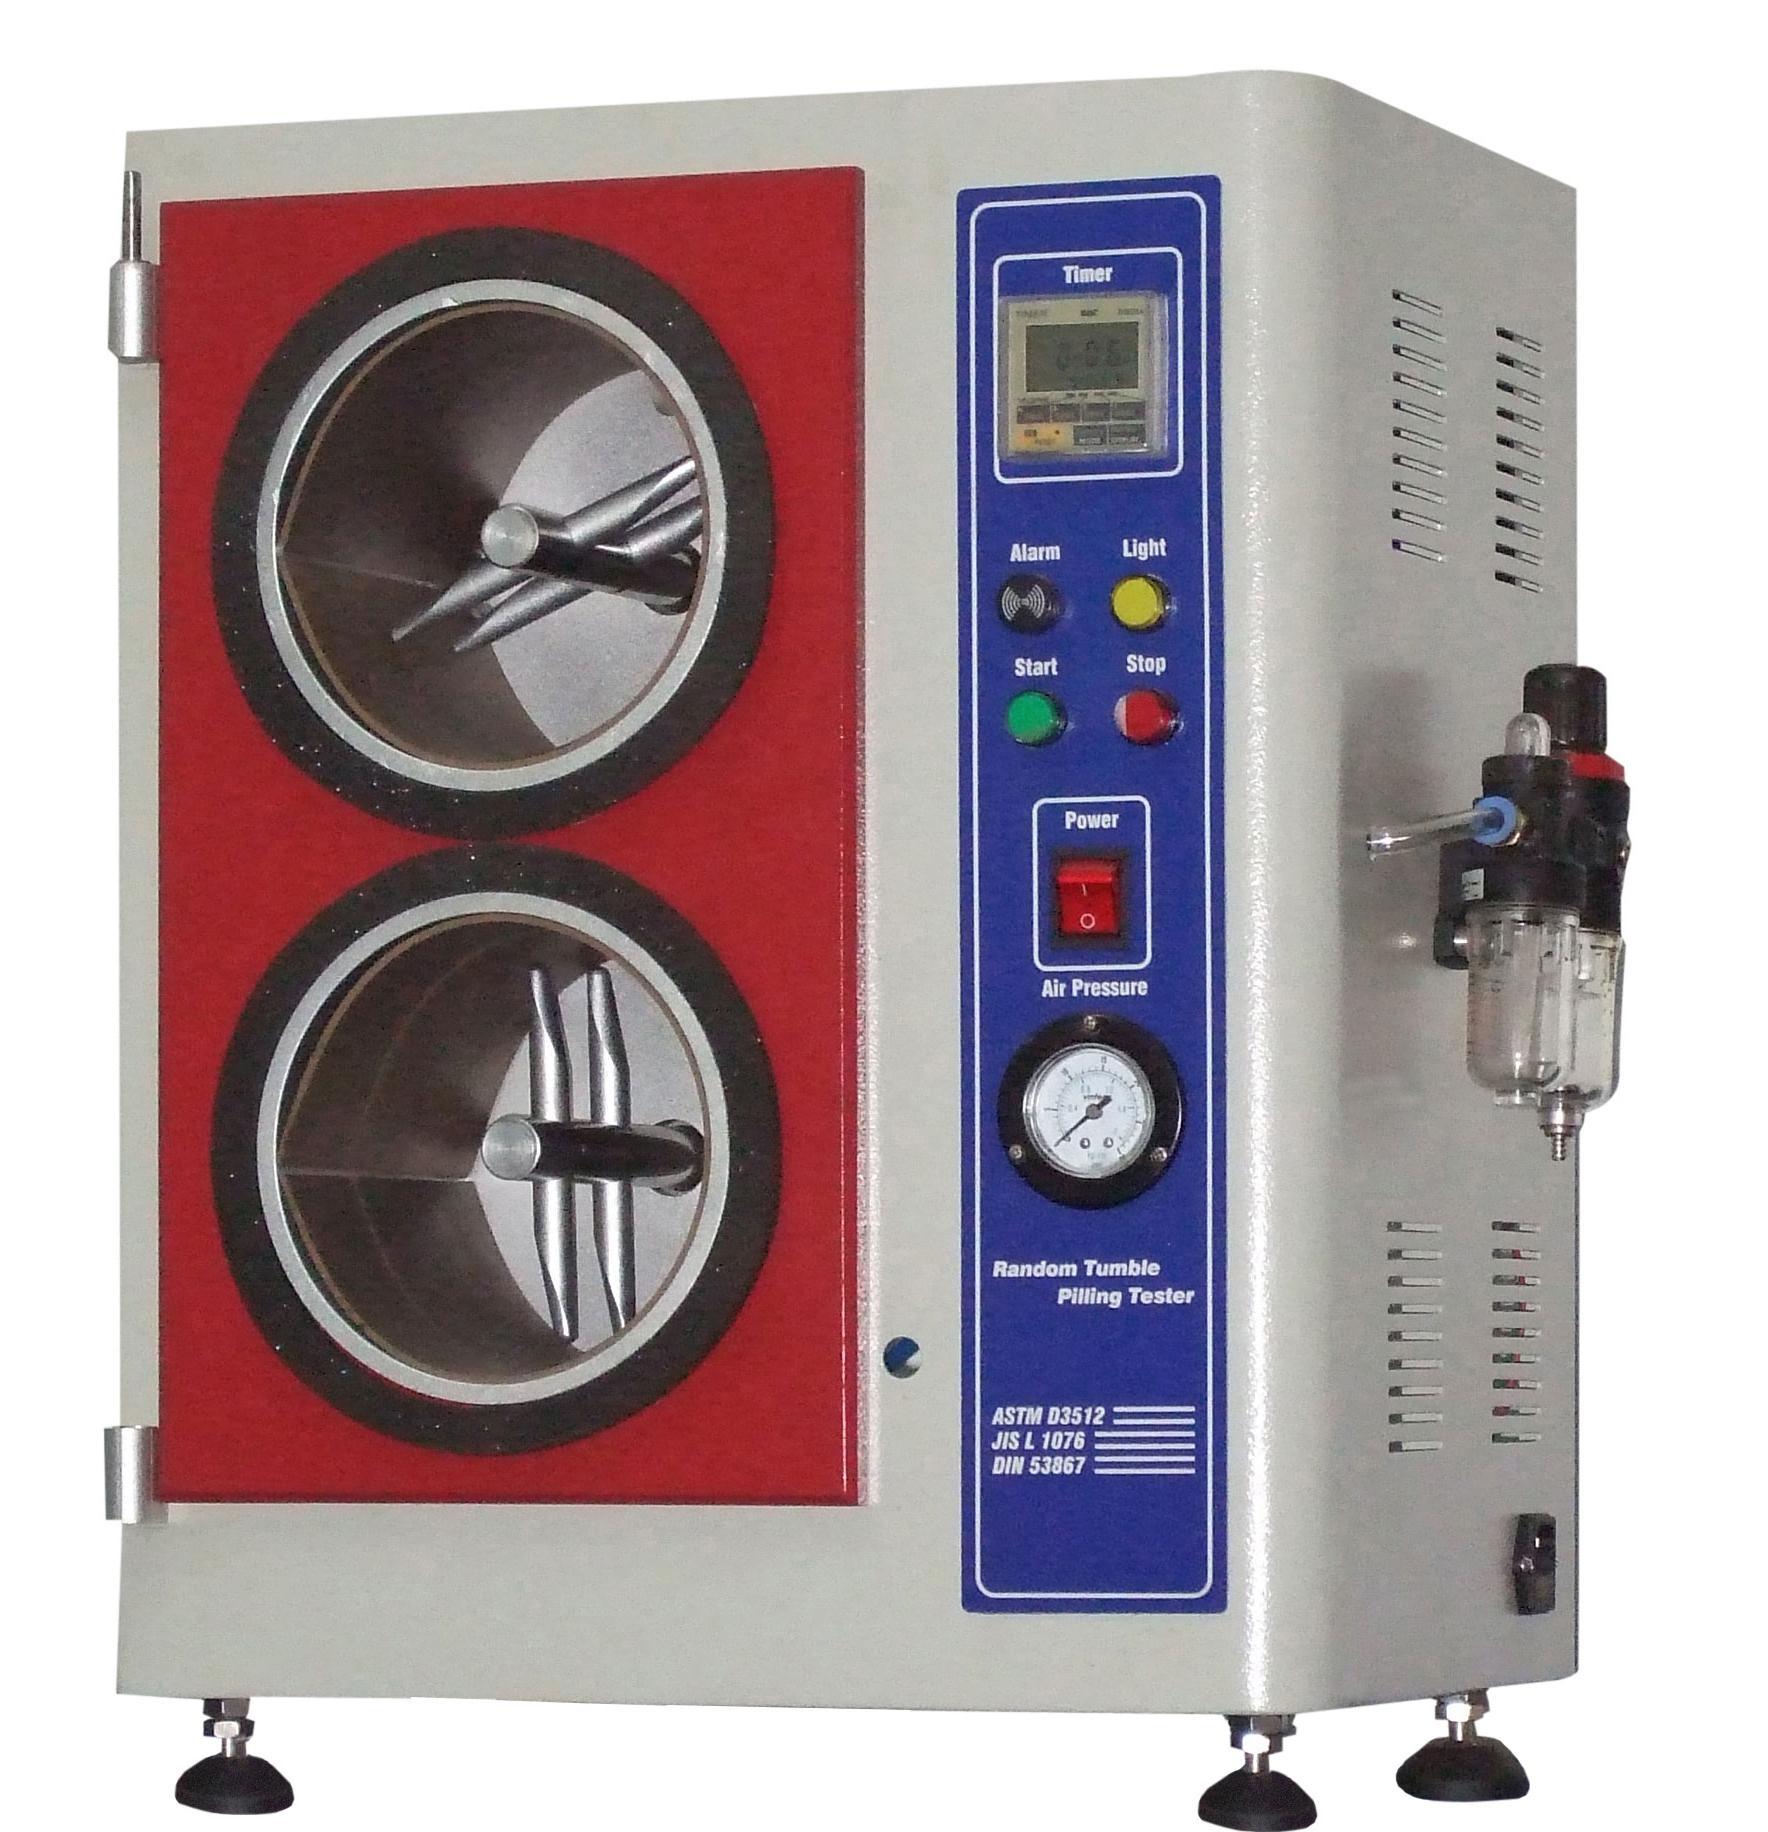 隨機翻滾式起毛起球測試儀,ASTM D3512, GB/T4802.4, ISO12945 1